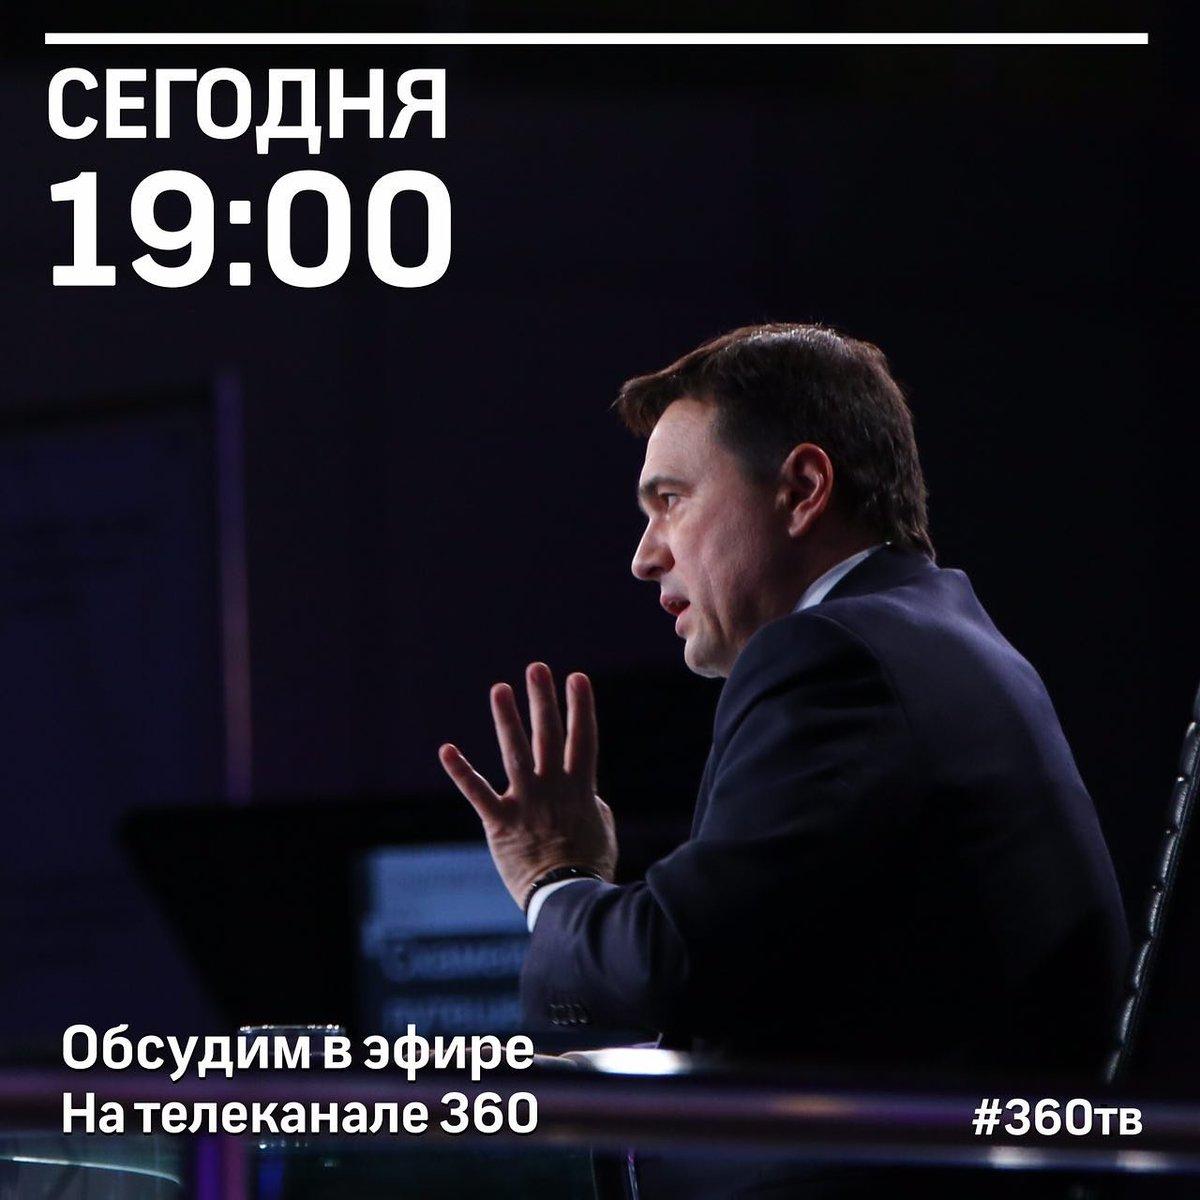 #360тв #открытаявласть #нашеподмосковье https://t.co/8VNFMwGeFL